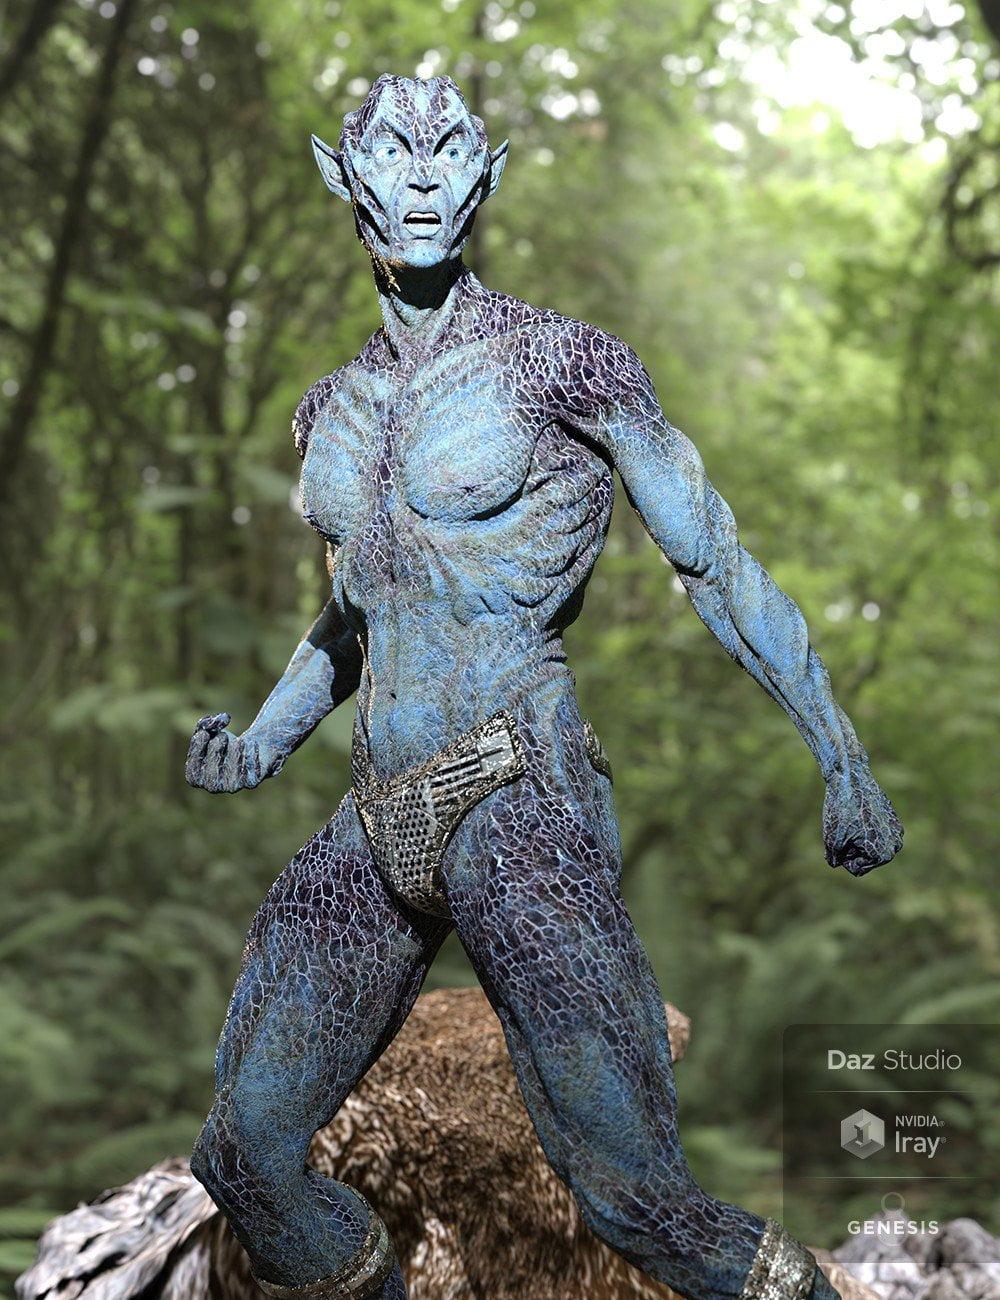 Oumua HD Alien Creature for Genesis 8 Male